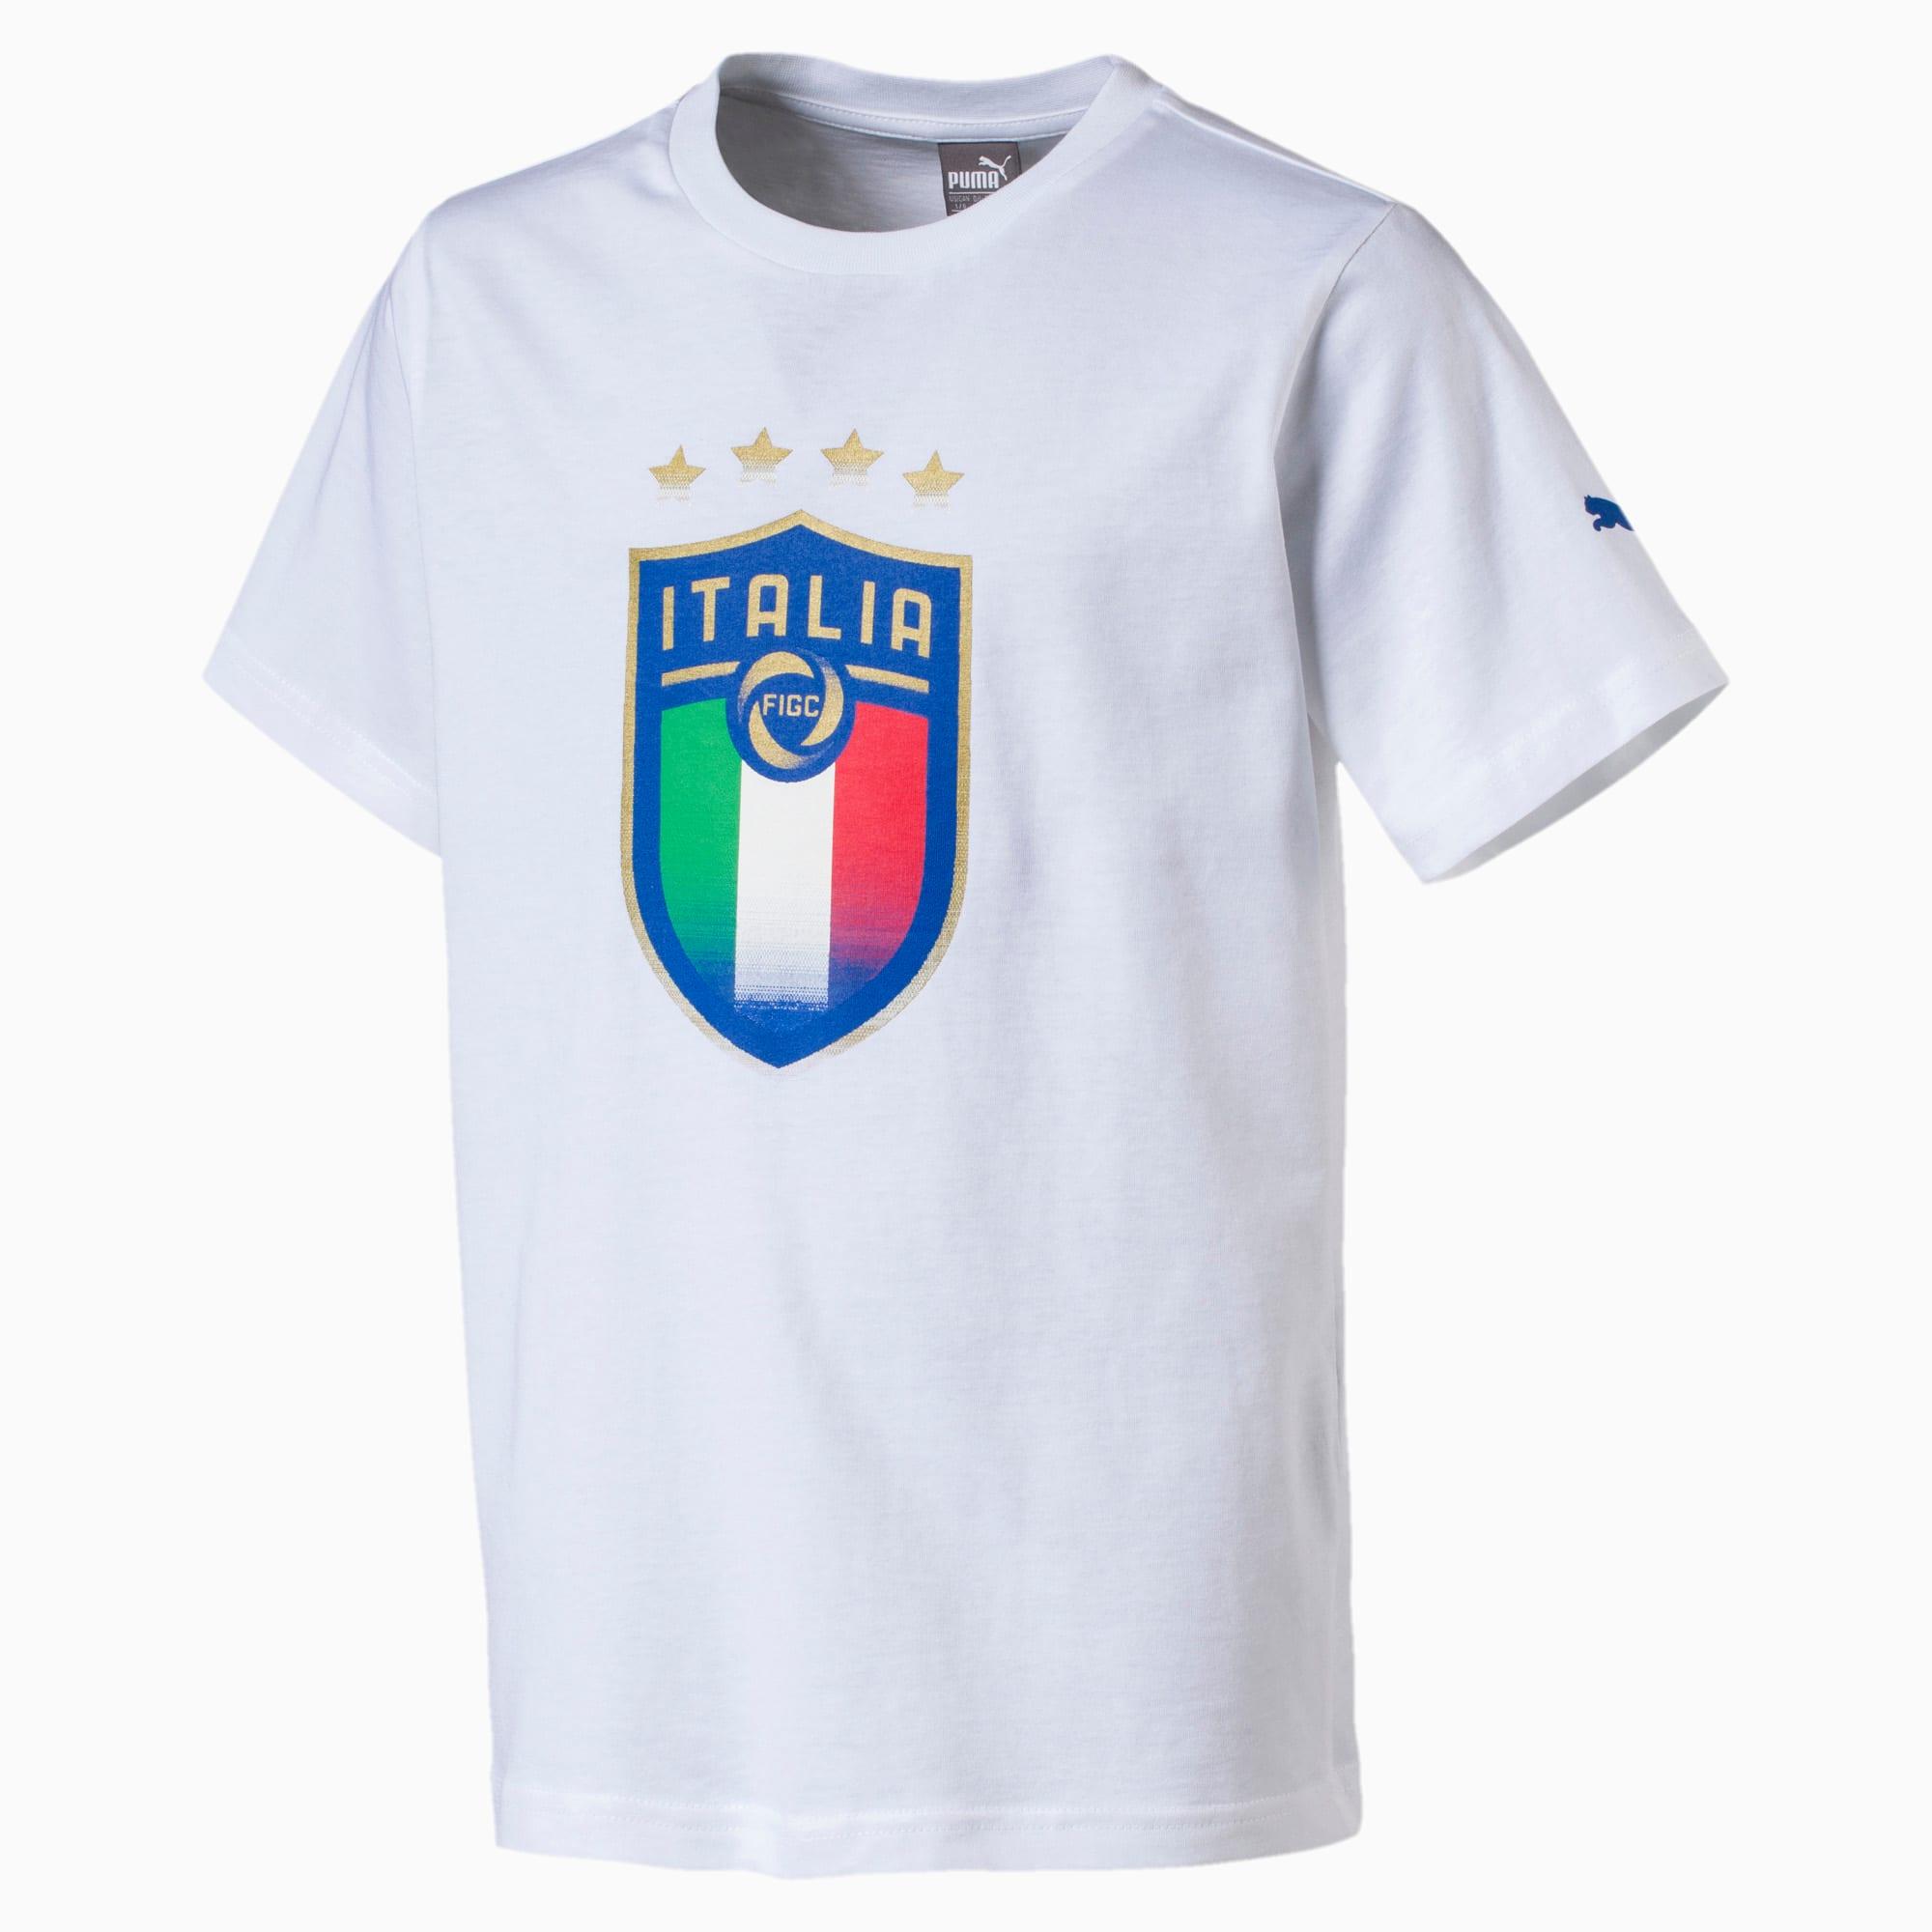 t-shirt italia avec emblème pour enfant pour homme, blanc, taille 152, vêtements